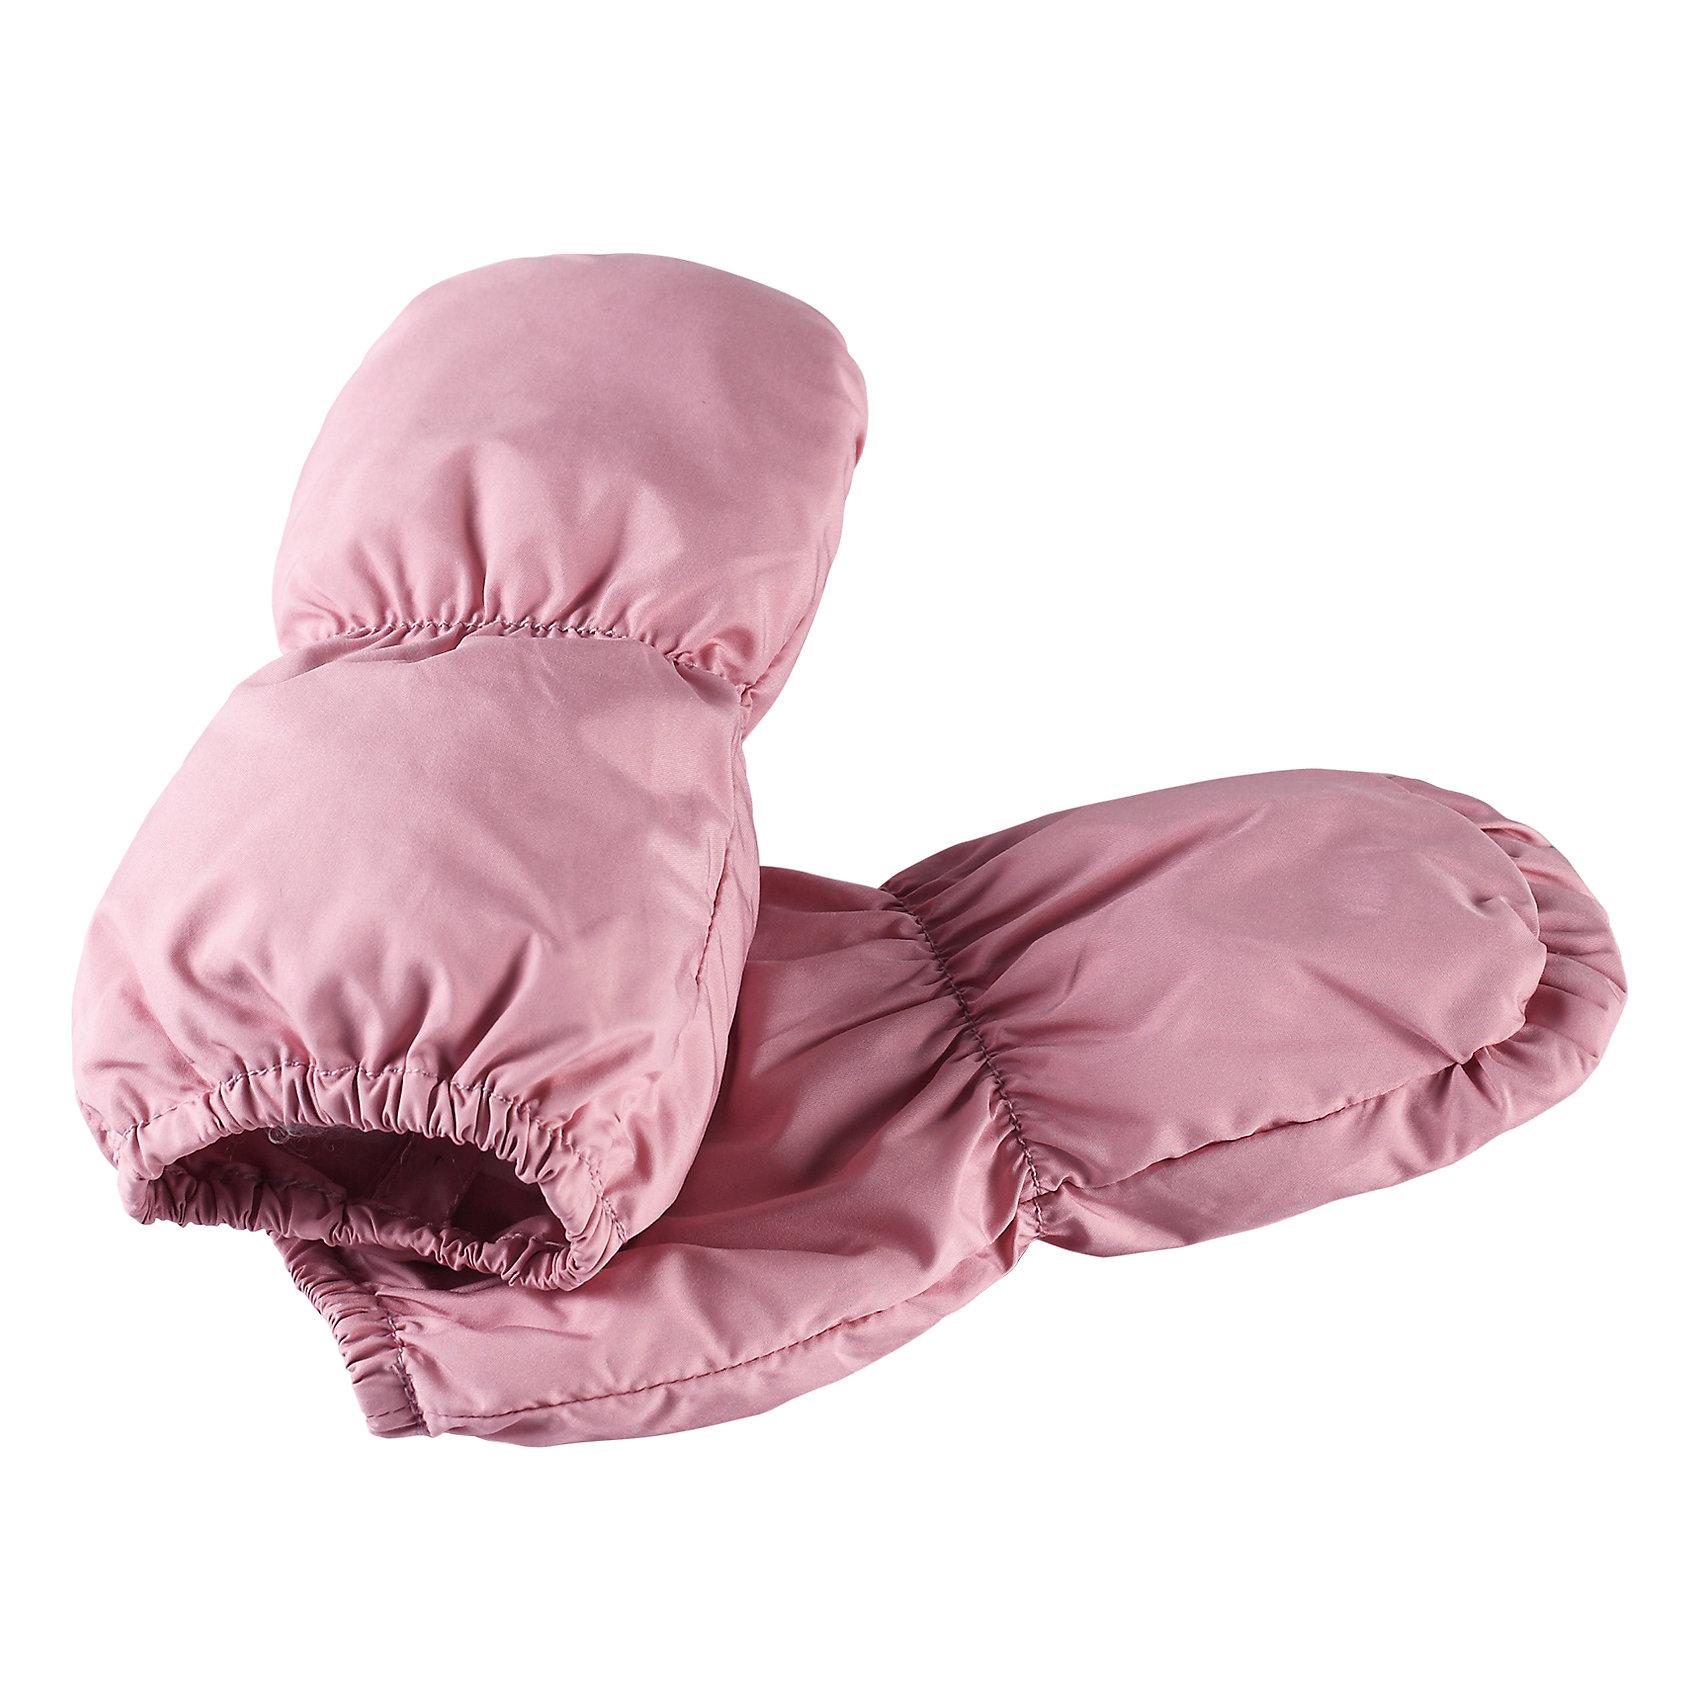 Варежки Reima TaputusПерчатки и варежки<br>Характеристики товара:<br><br>• цвет: розовый;<br>• состав: 100% полиэстер;<br>• утеплитель: 60 г/м2 (Comfort insulation)<br>• сезон: демисезон; <br>• особенности модели: на подкладке;<br>• водоотталкивающий, ветронепроницаемый и грязеотталкивающий материал;<br>• сплошная подкладка: гладкий хлопковый трикотаж;<br>• легкая степень утепления;<br>• логотип Reima сбоку;<br>• страна бренда: Финляндия;<br>• страна изготовитель: Китай.<br><br>Варежки для новорожденных превосходно подойдут для прогулок в коляске в холодный день. Они снабжены легким утеплителем и мягкой трикотажной подкладкой внутри. Варежки сшиты из ветронепроницаемого и водоотталкивающего, но при этом дышащего материала.<br><br>Варежки Taputus Reima от финского бренда Reima (Рейма) можно купить в нашем интернет-магазине.<br><br>Ширина мм: 162<br>Глубина мм: 171<br>Высота мм: 55<br>Вес г: 119<br>Цвет: розовый<br>Возраст от месяцев: 6<br>Возраст до месяцев: 18<br>Пол: Унисекс<br>Возраст: Детский<br>Размер: 1,0<br>SKU: 6908650